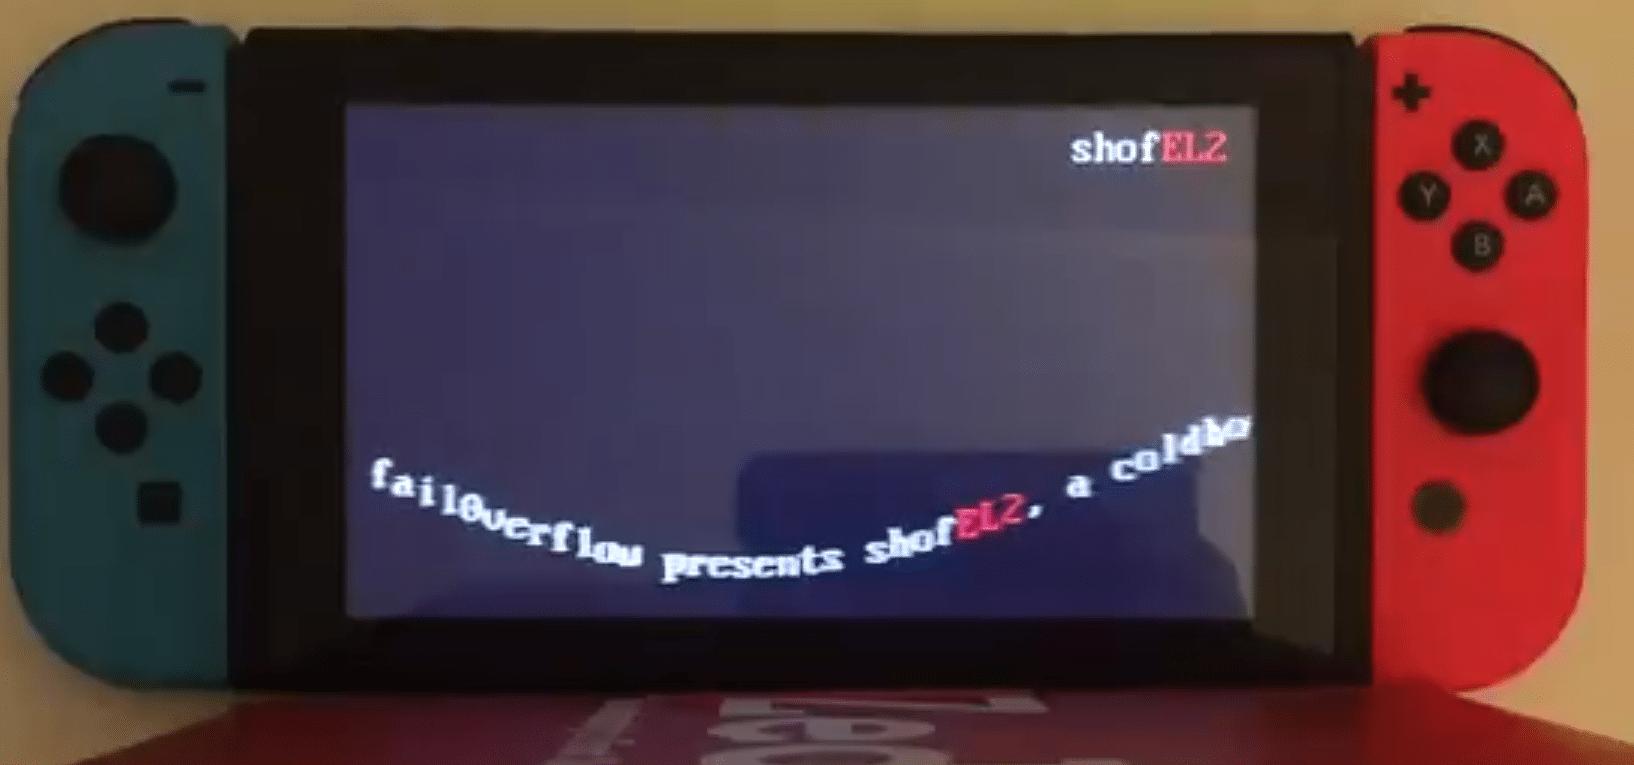 Boot-Exploit für Nintendo Switch soll unpatchbar sein | heise Security